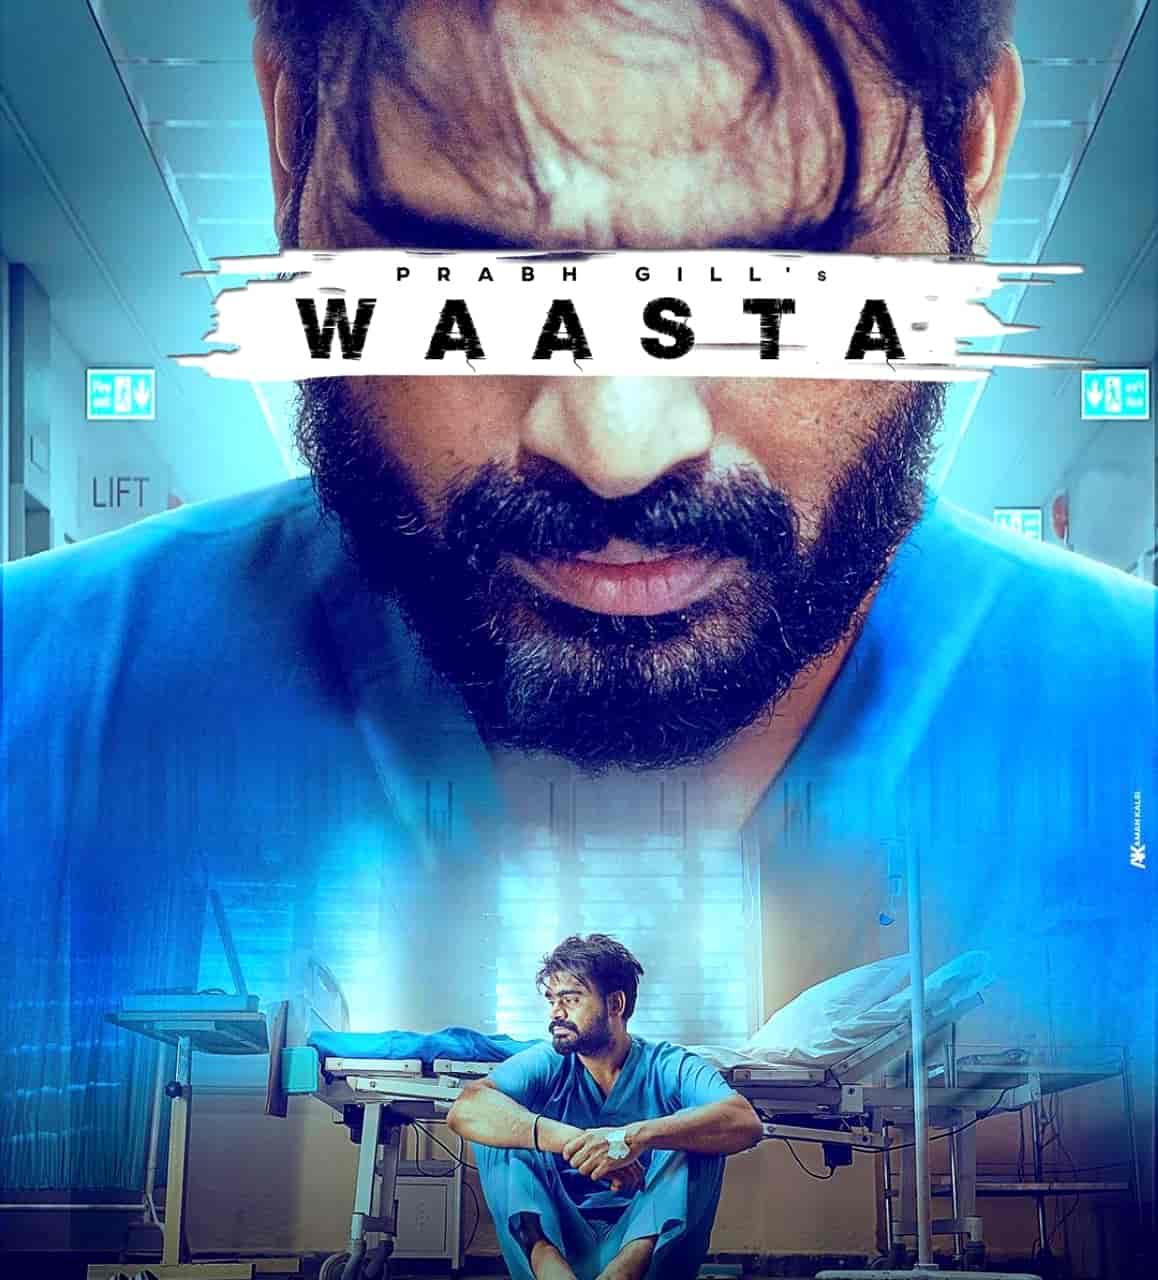 Waasta Punjabi Song Lyrics Prabh Gill